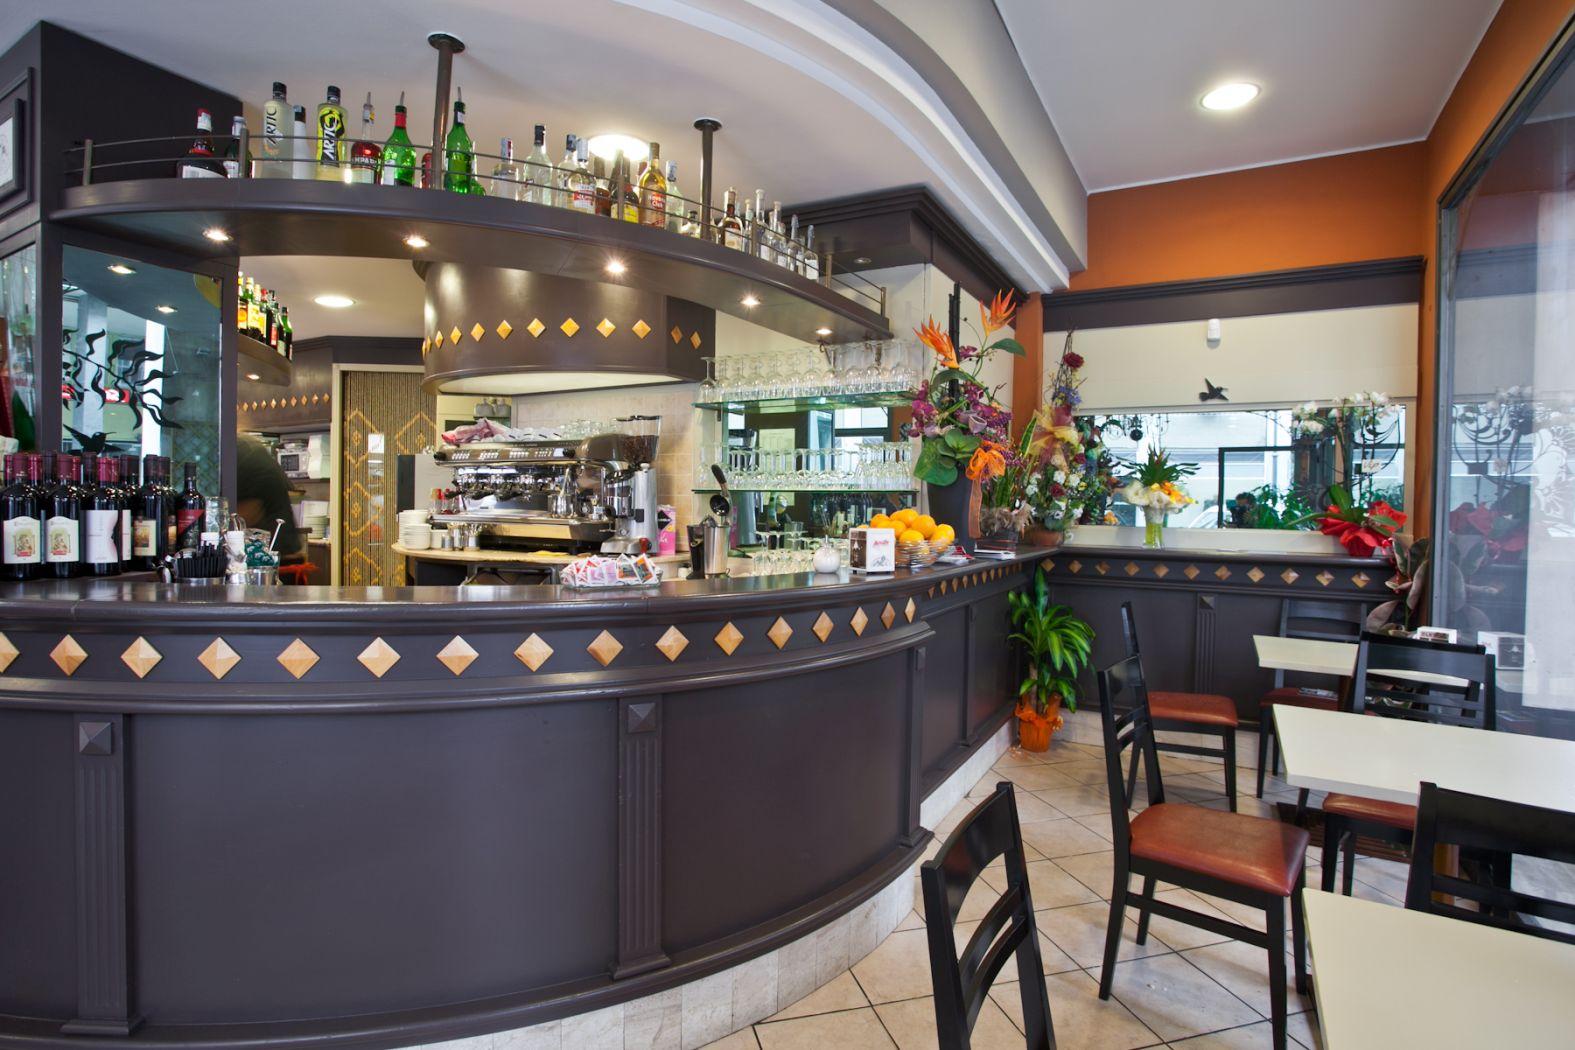 Attrezzature e arredo bar gli spazi in cui dividere il locale for Arredamento da esterno per bar